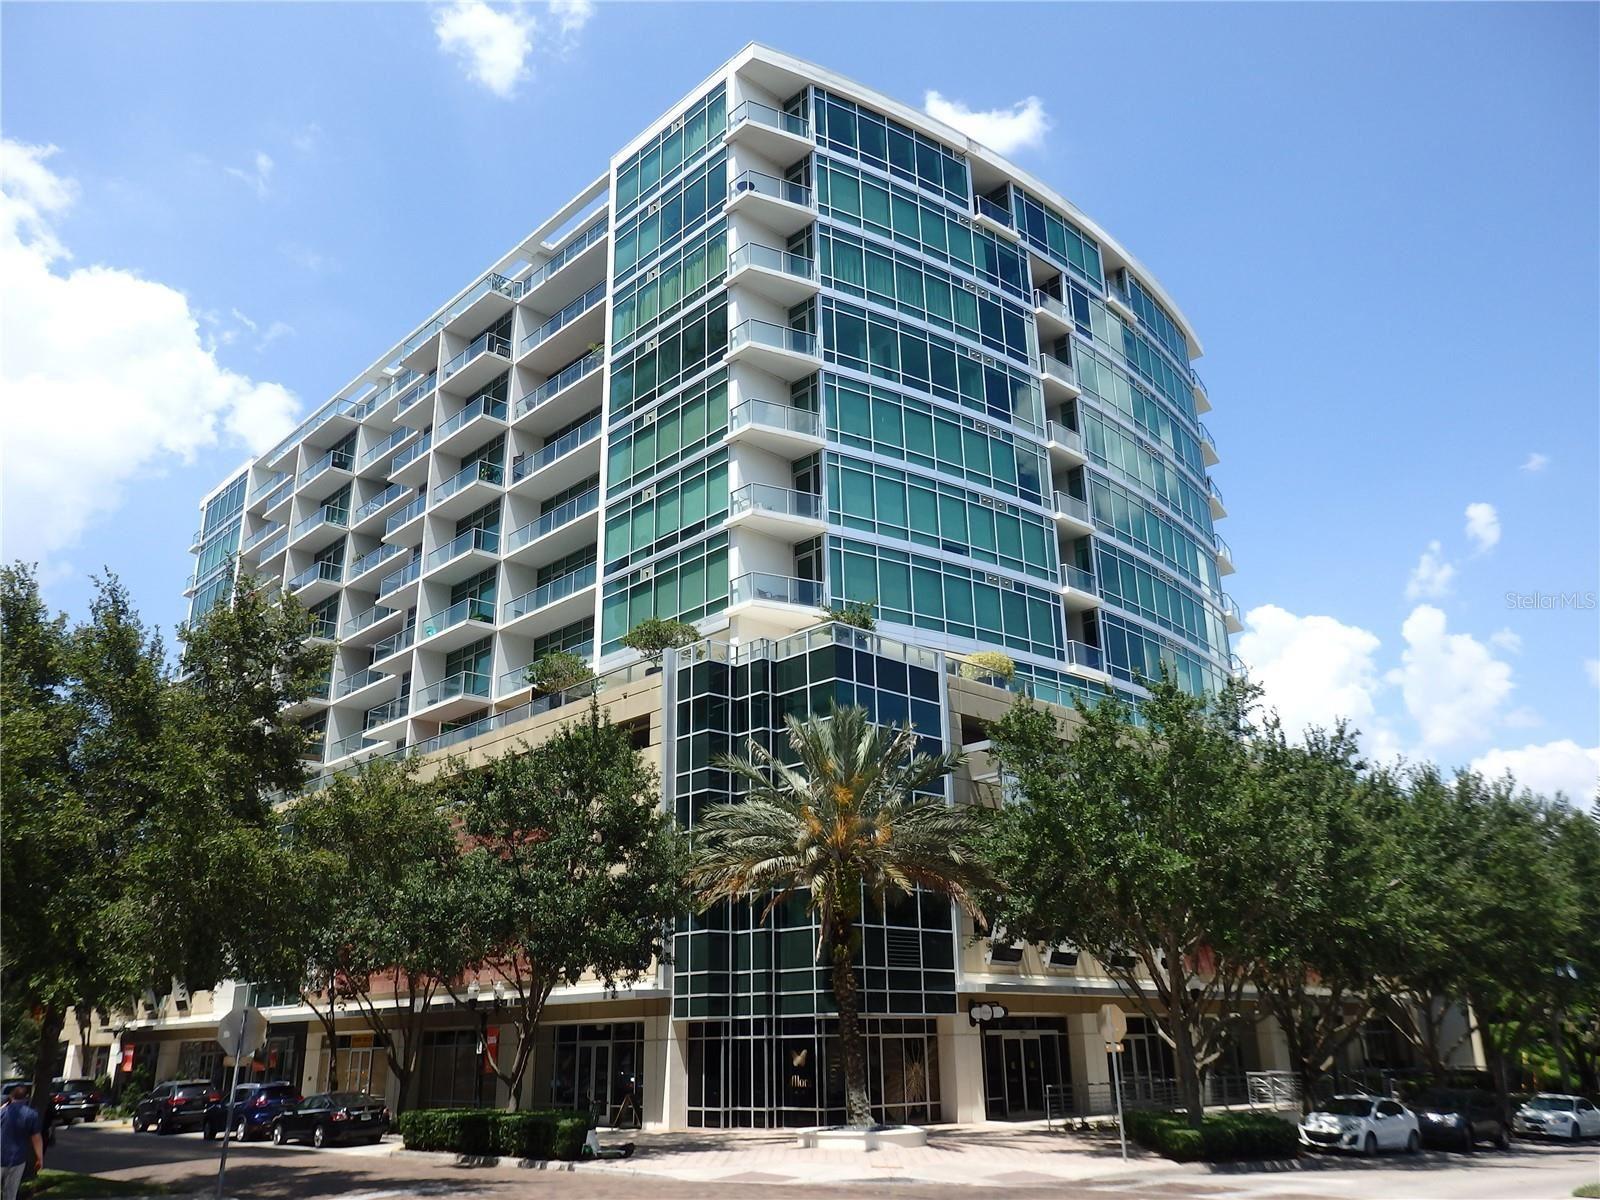 101 S EOLA DRIVE #1206, Orlando, FL 32801 - #: O5946159